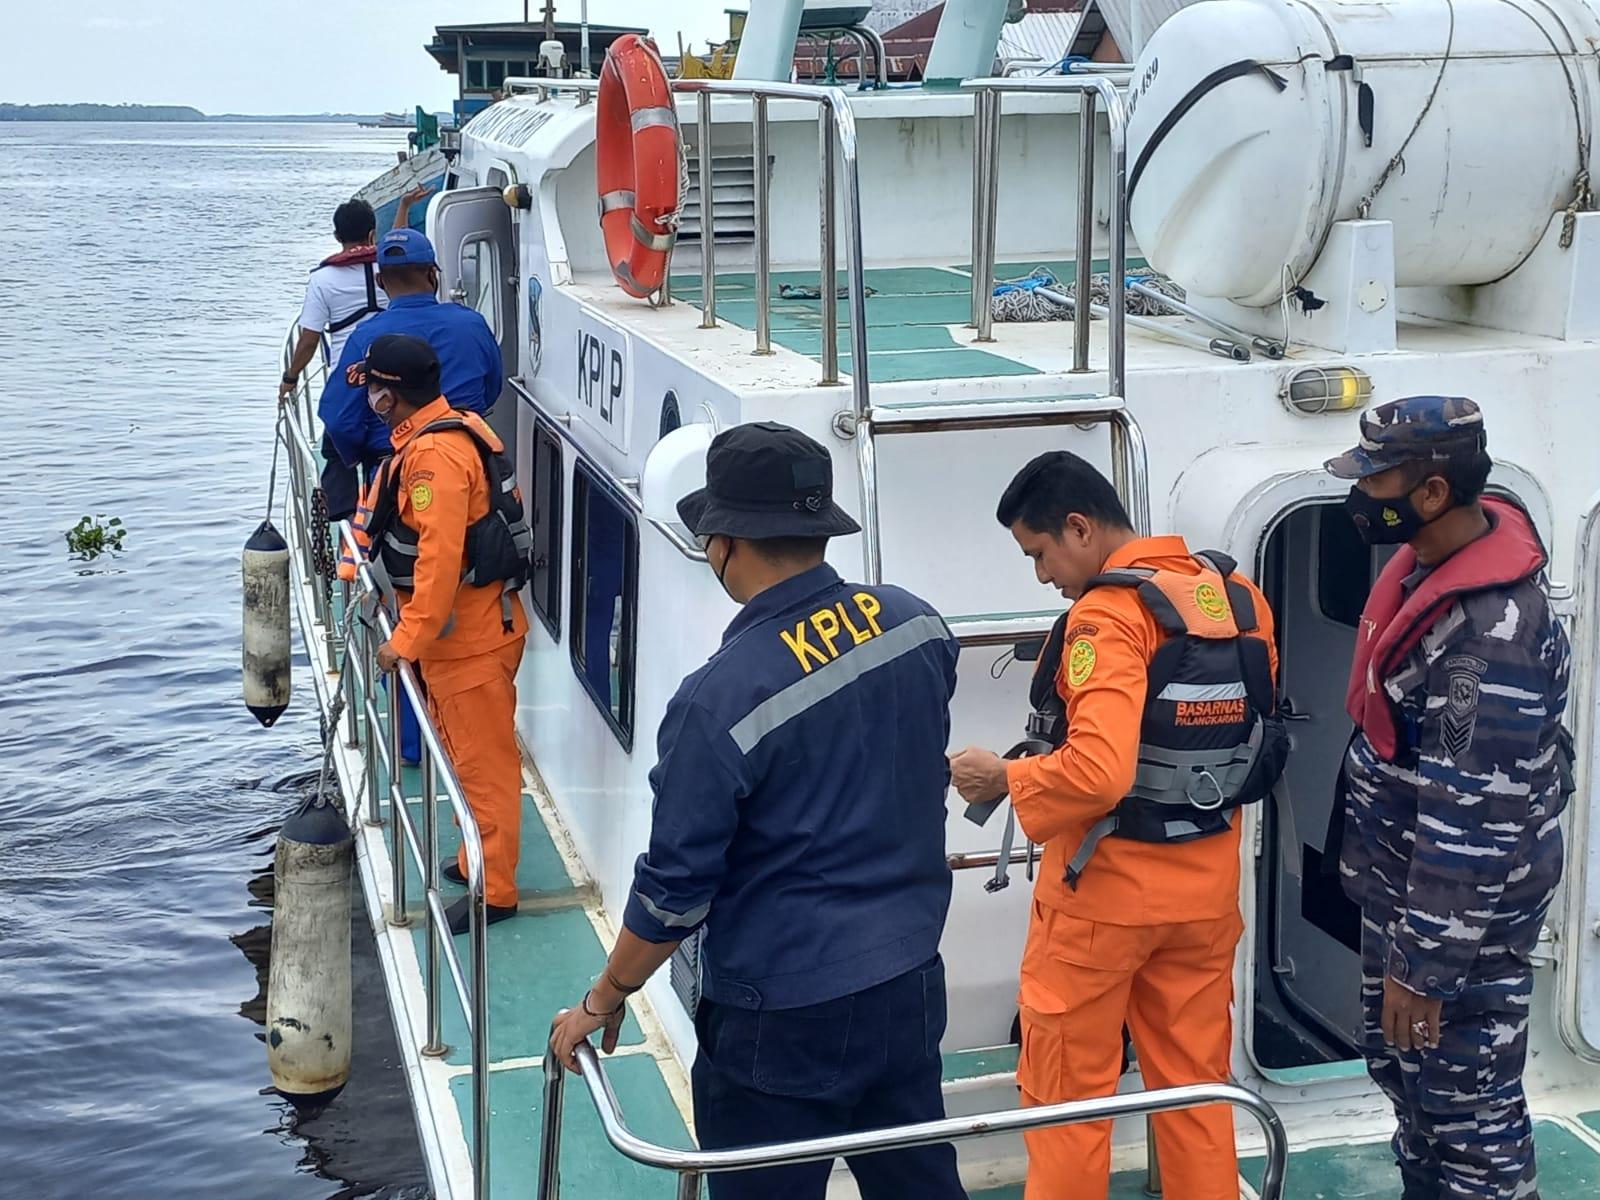 PENCARIAN: Tim gabungan sedang melakukan pencarian diduga adanya penumpang KM Kirana I lompat ke laut, Rabu (13/10/2021)./POL AIR POLRES KOBAR